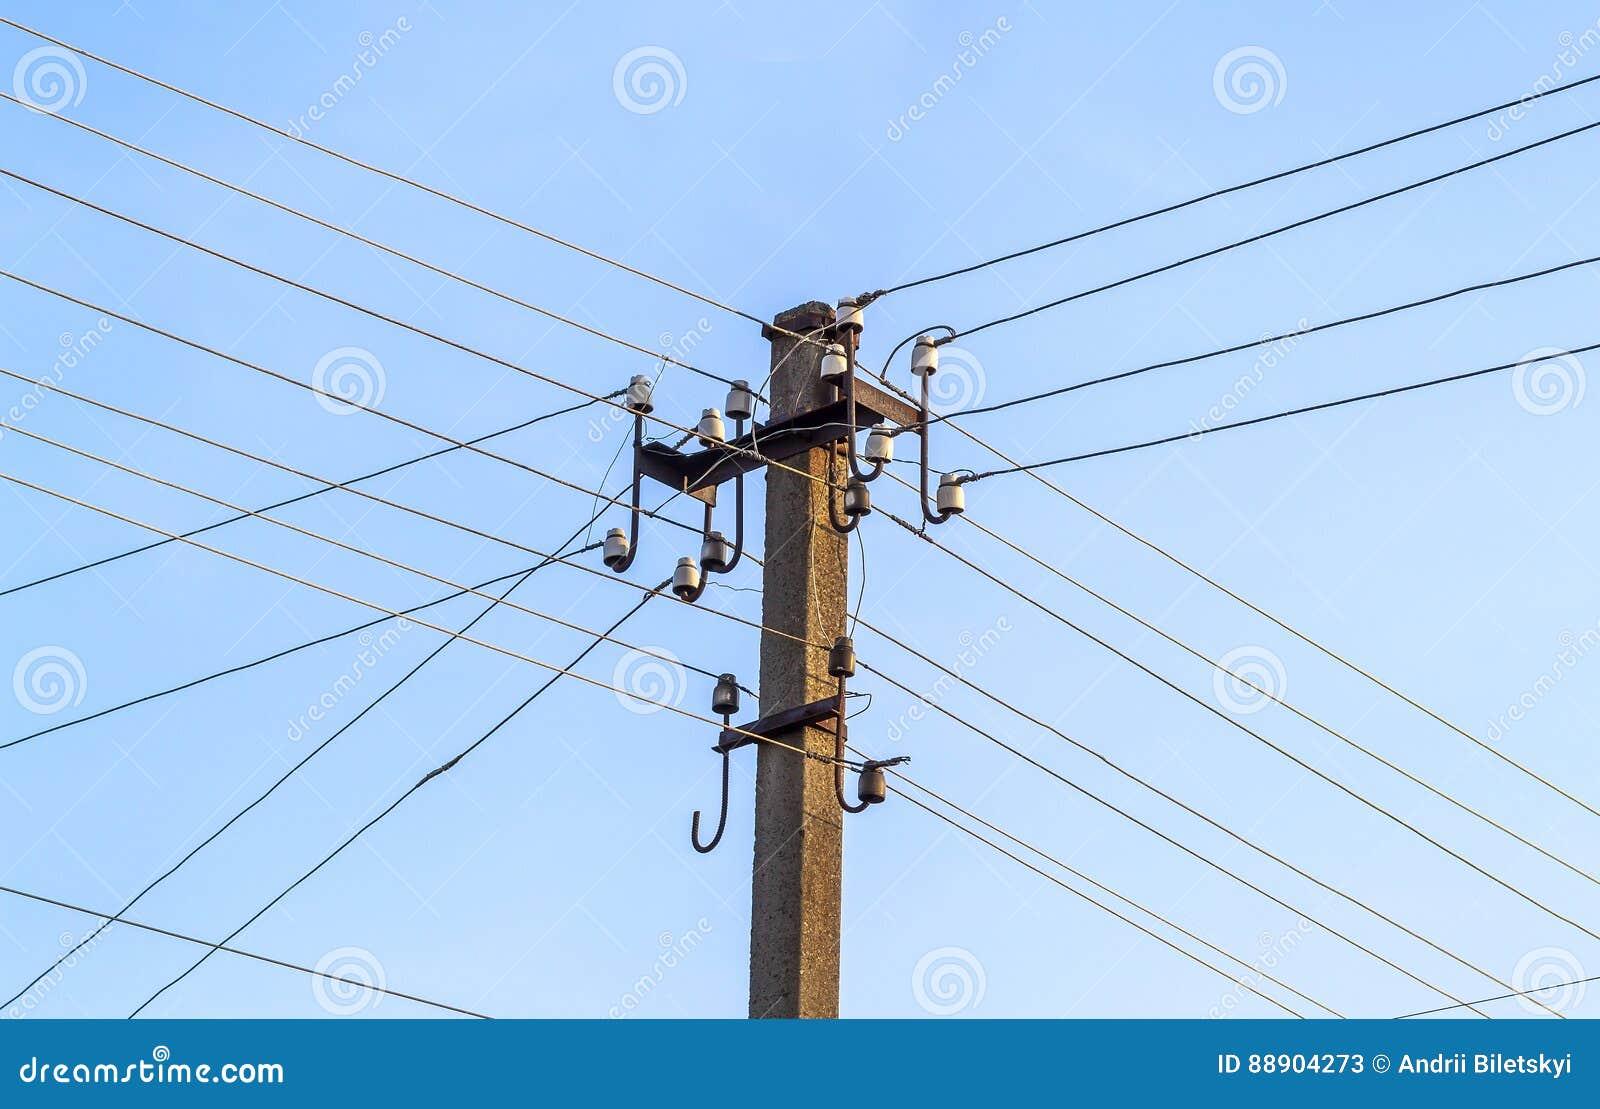 Linhas elétricas e fios bondes do polo com céu azul